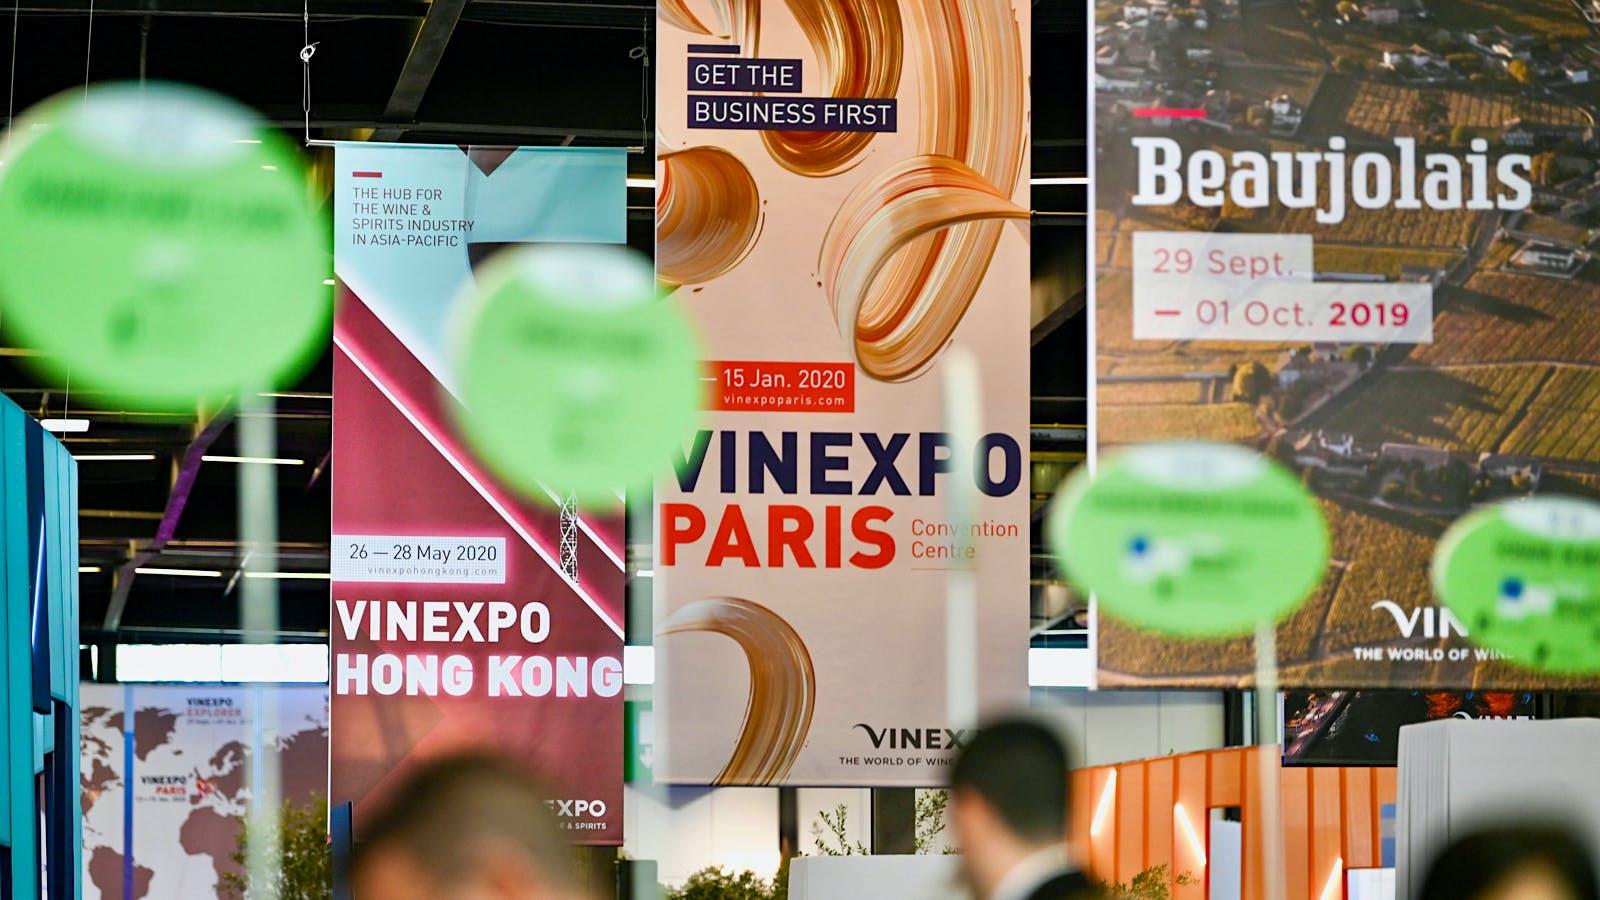 Vinexpo Bordeaux Plans Its Future